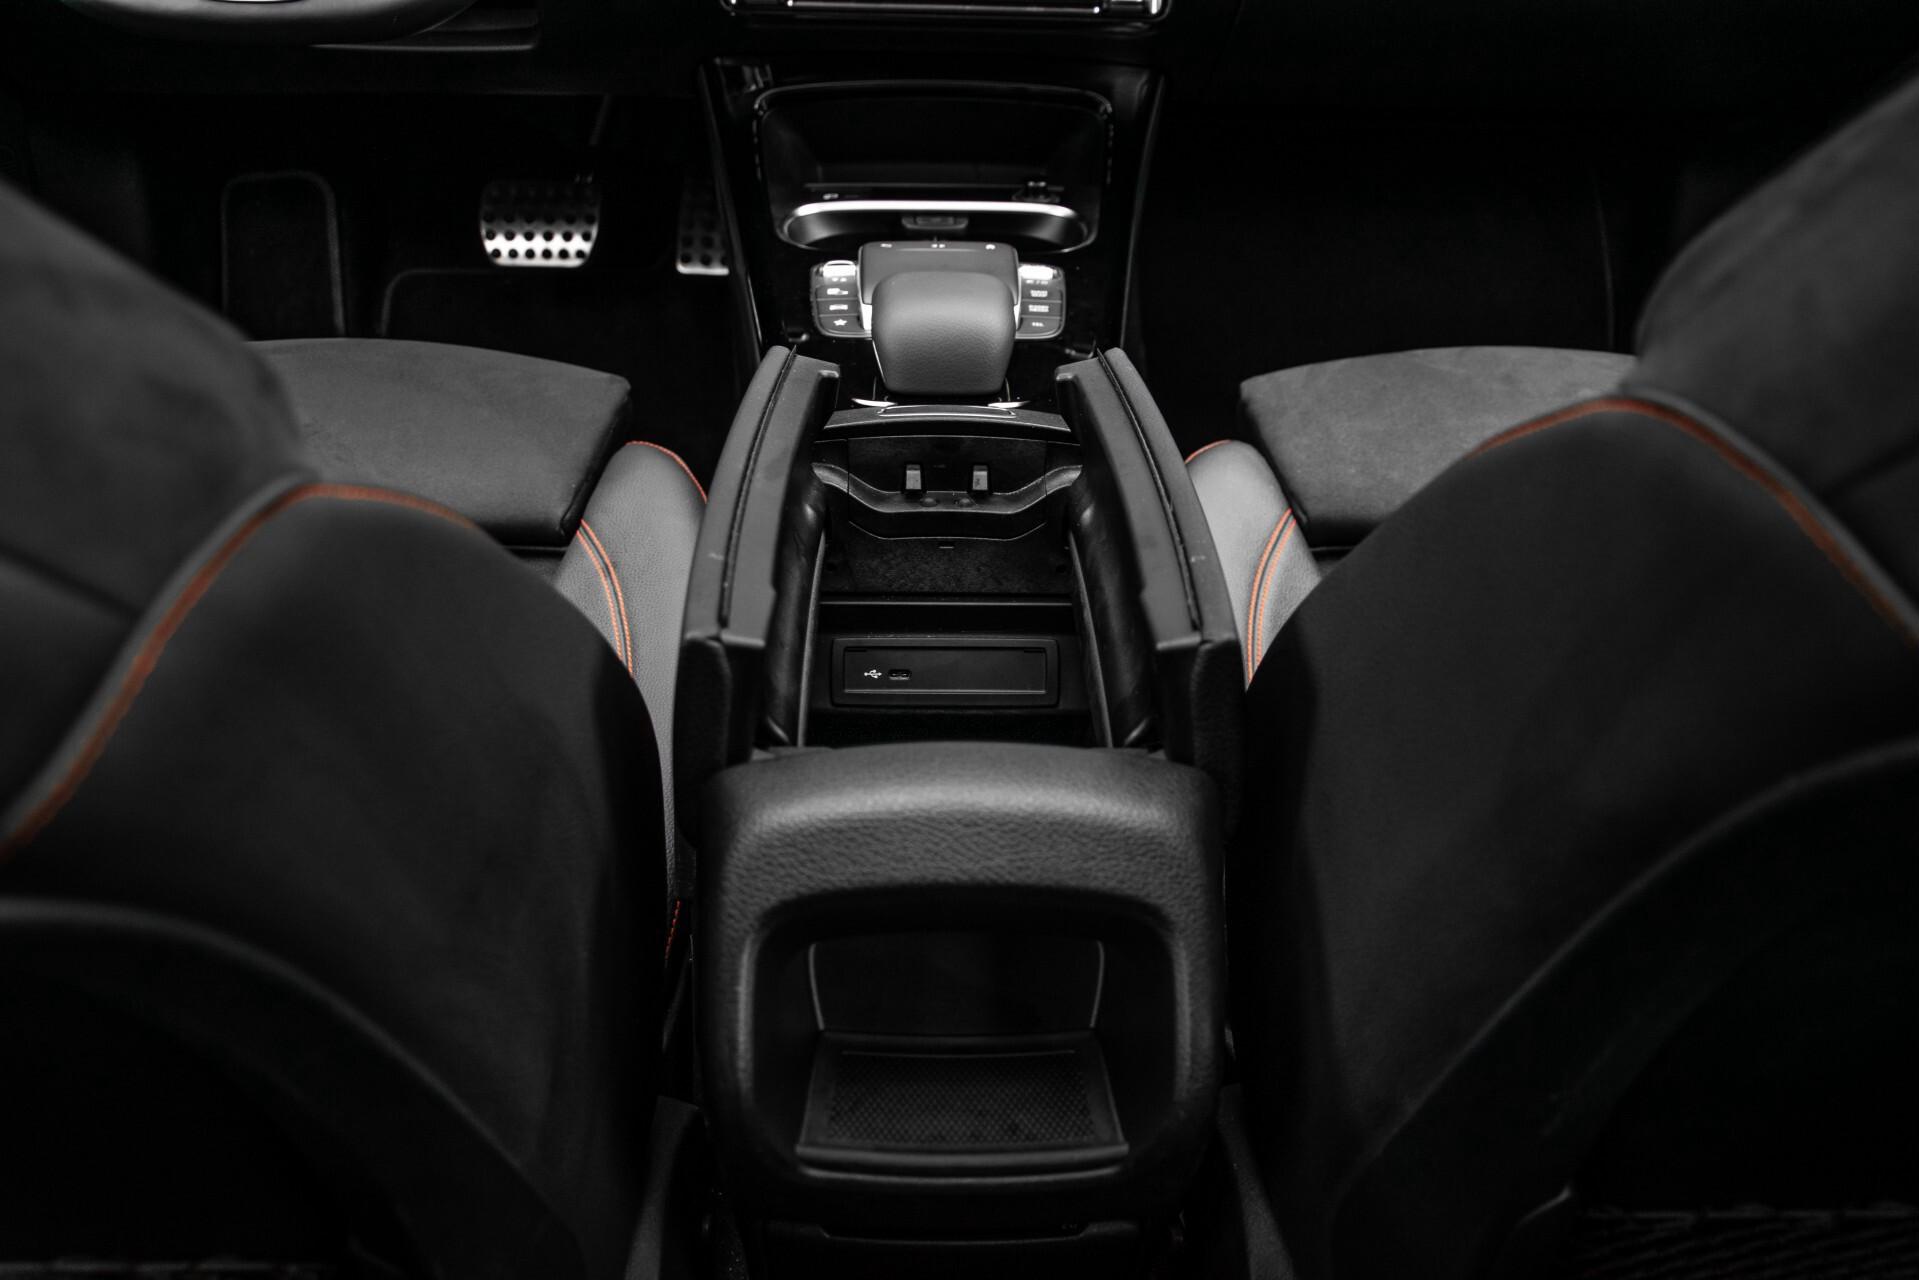 Mercedes-Benz A-Klasse 180 d AMG Panorama/MBUX/DAB/LED Aut7 Foto 47